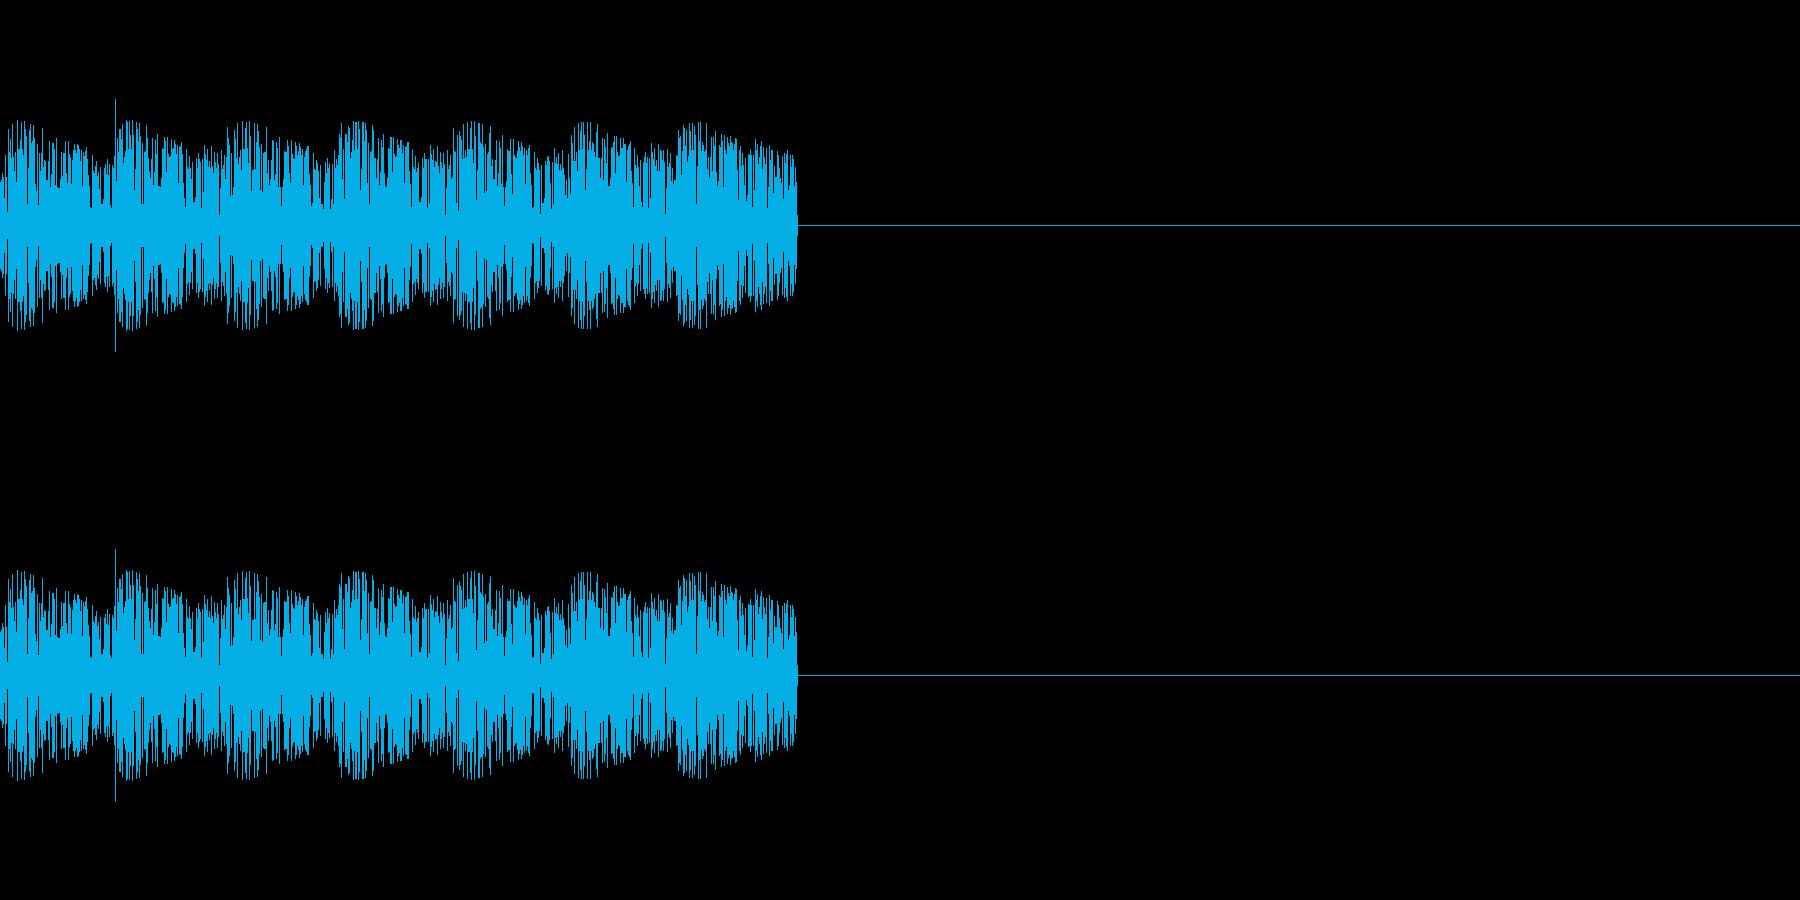 「ピロリロリロ」レトロゲーム風魔法の再生済みの波形